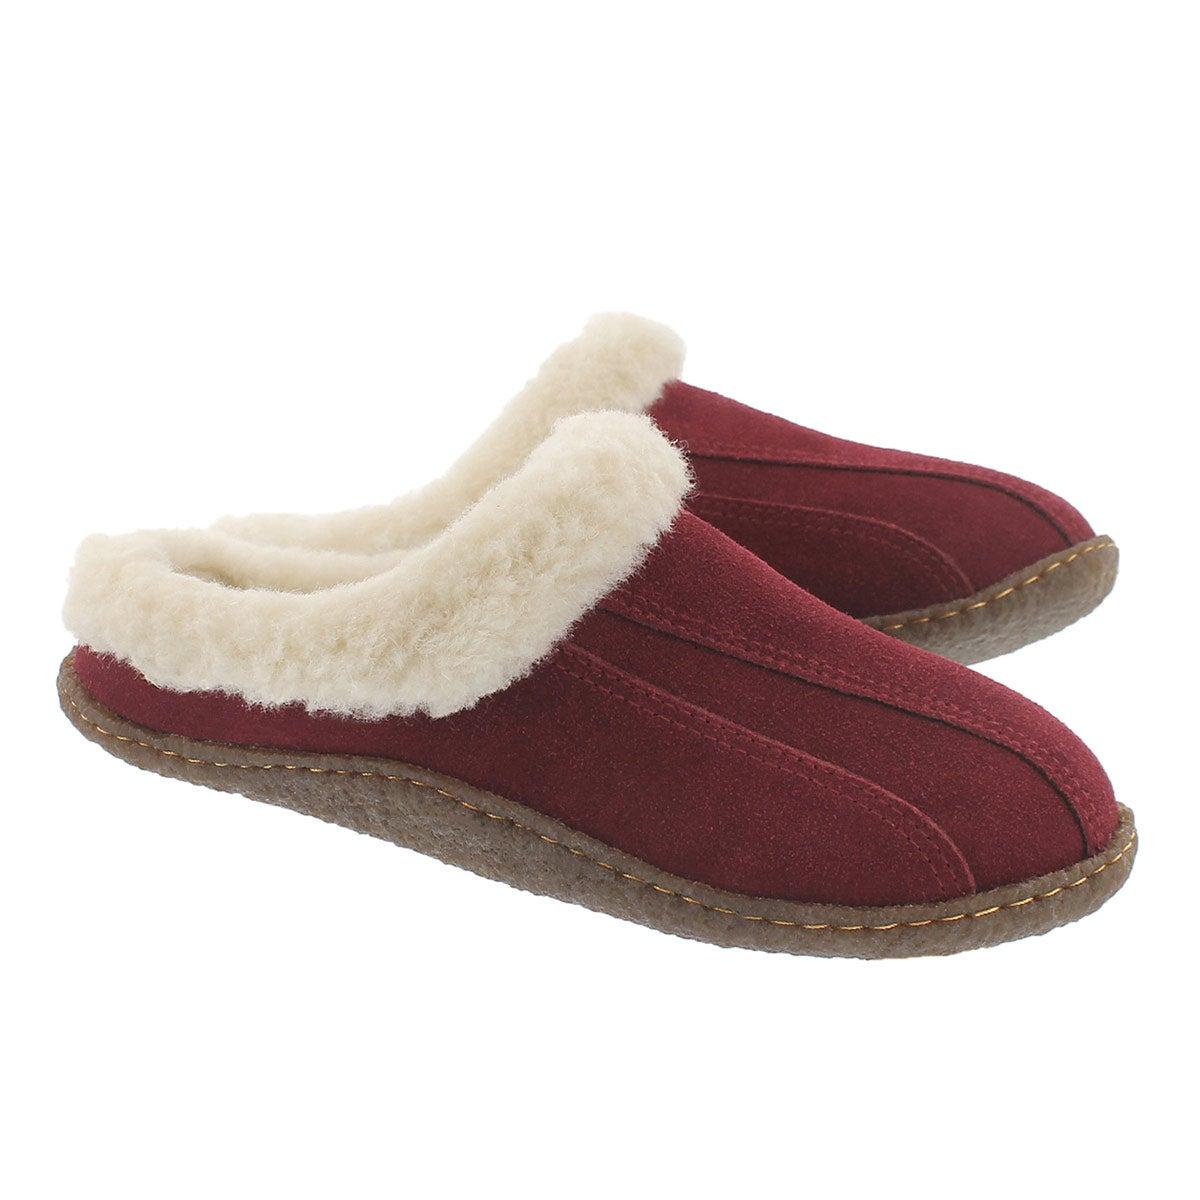 Lds Galaxie III brgndy open back slipper